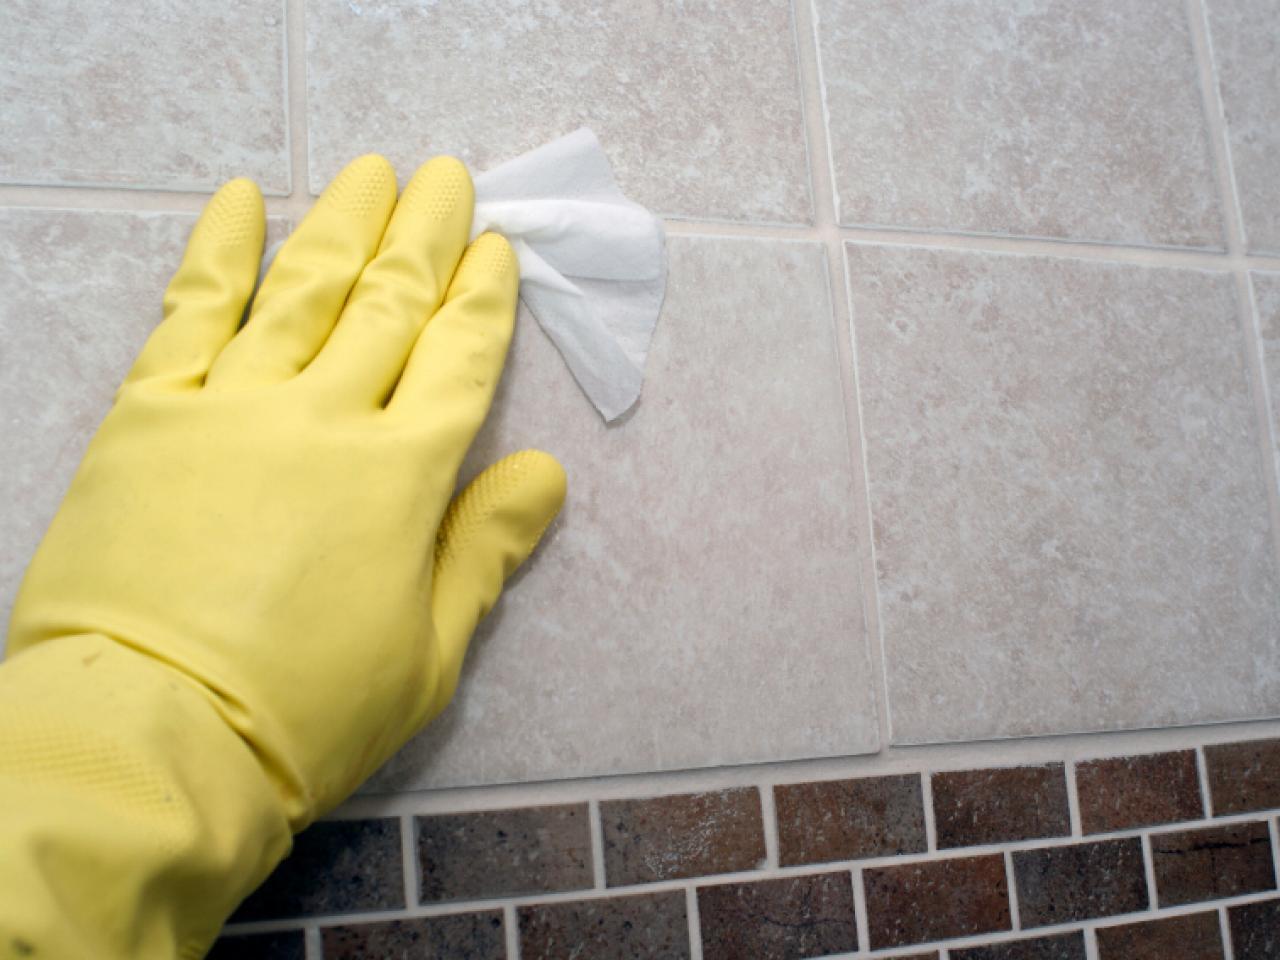 средства для мытья плитки на кухне